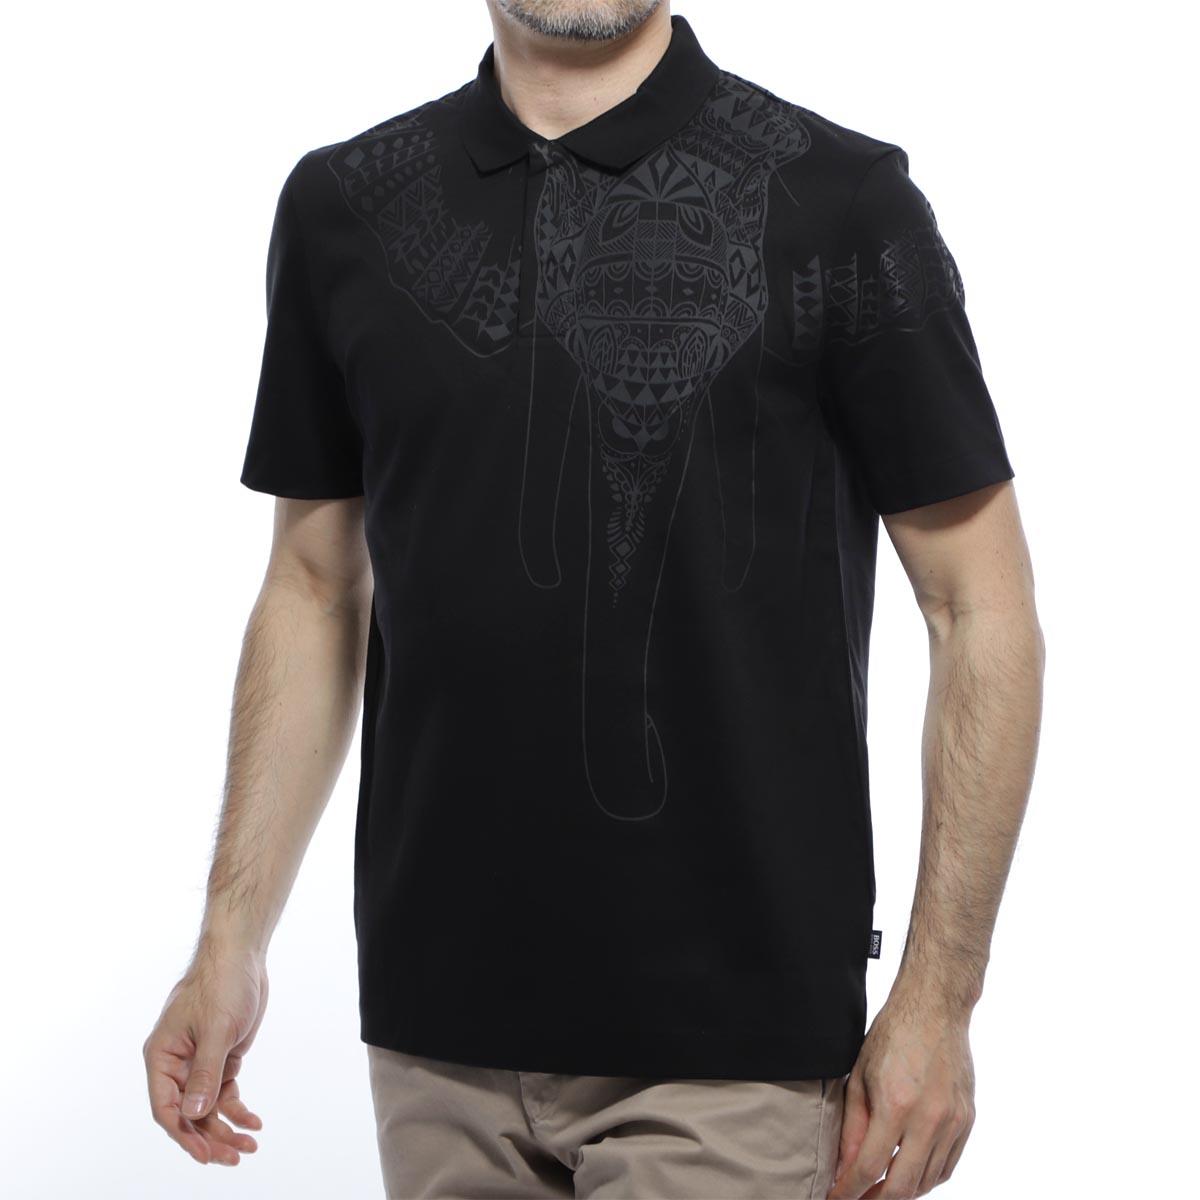 ボスヒューゴボス BOSS HUGOBOSS ポロシャツ ブラック メンズ 半袖 コラボ マイセン prout 50420610 001 BOSS×MEISSEN PROUT【あす楽対応_関東】【返品送料無料】【ラッピング無料】